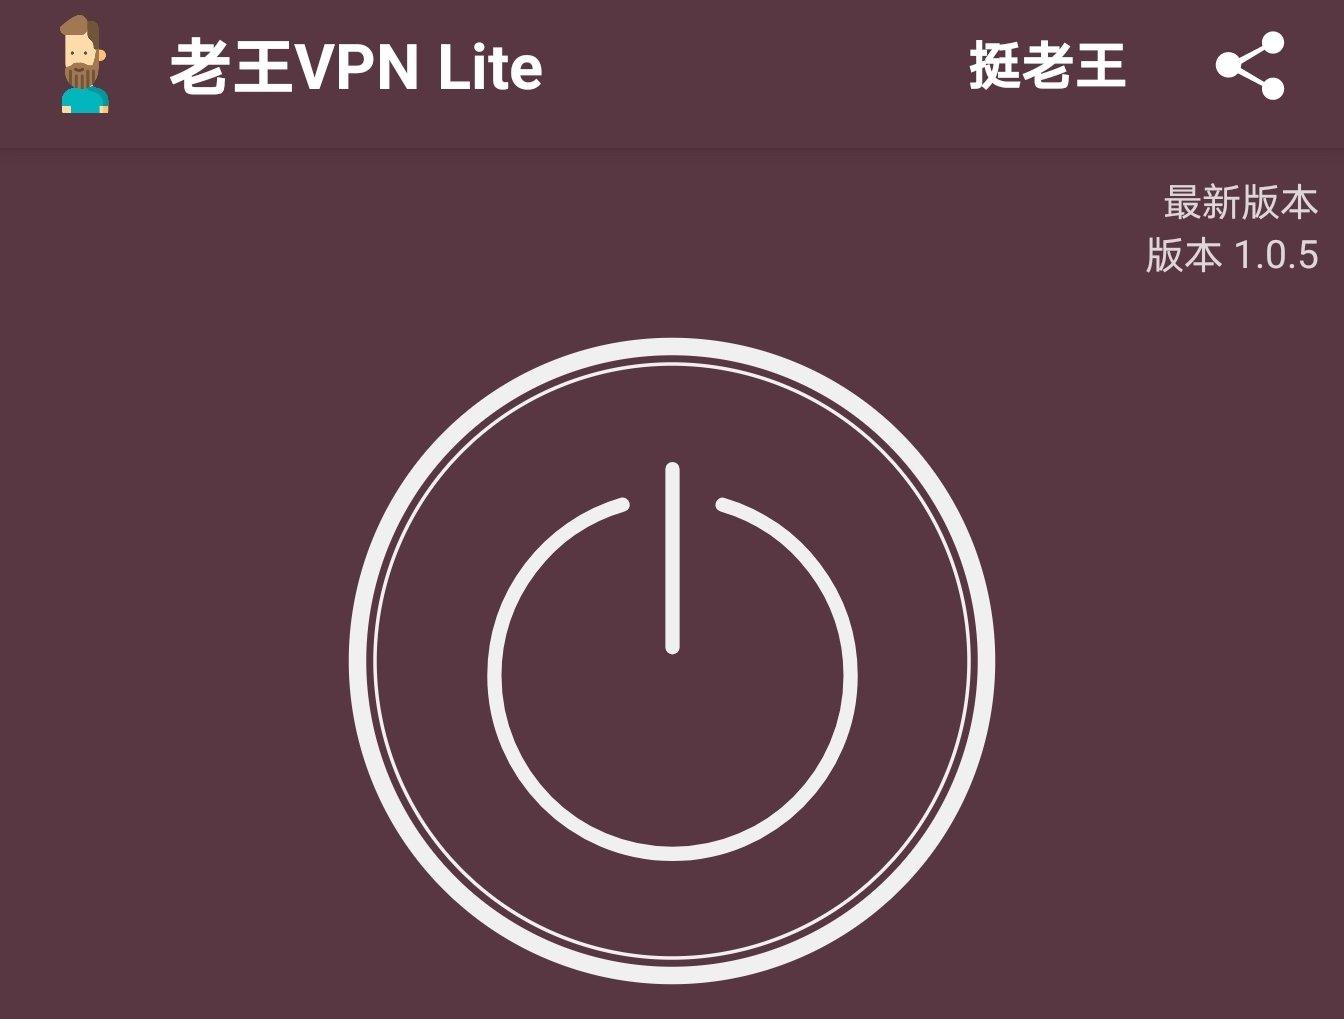 老王VPN Lite 1.0.5 APK下載